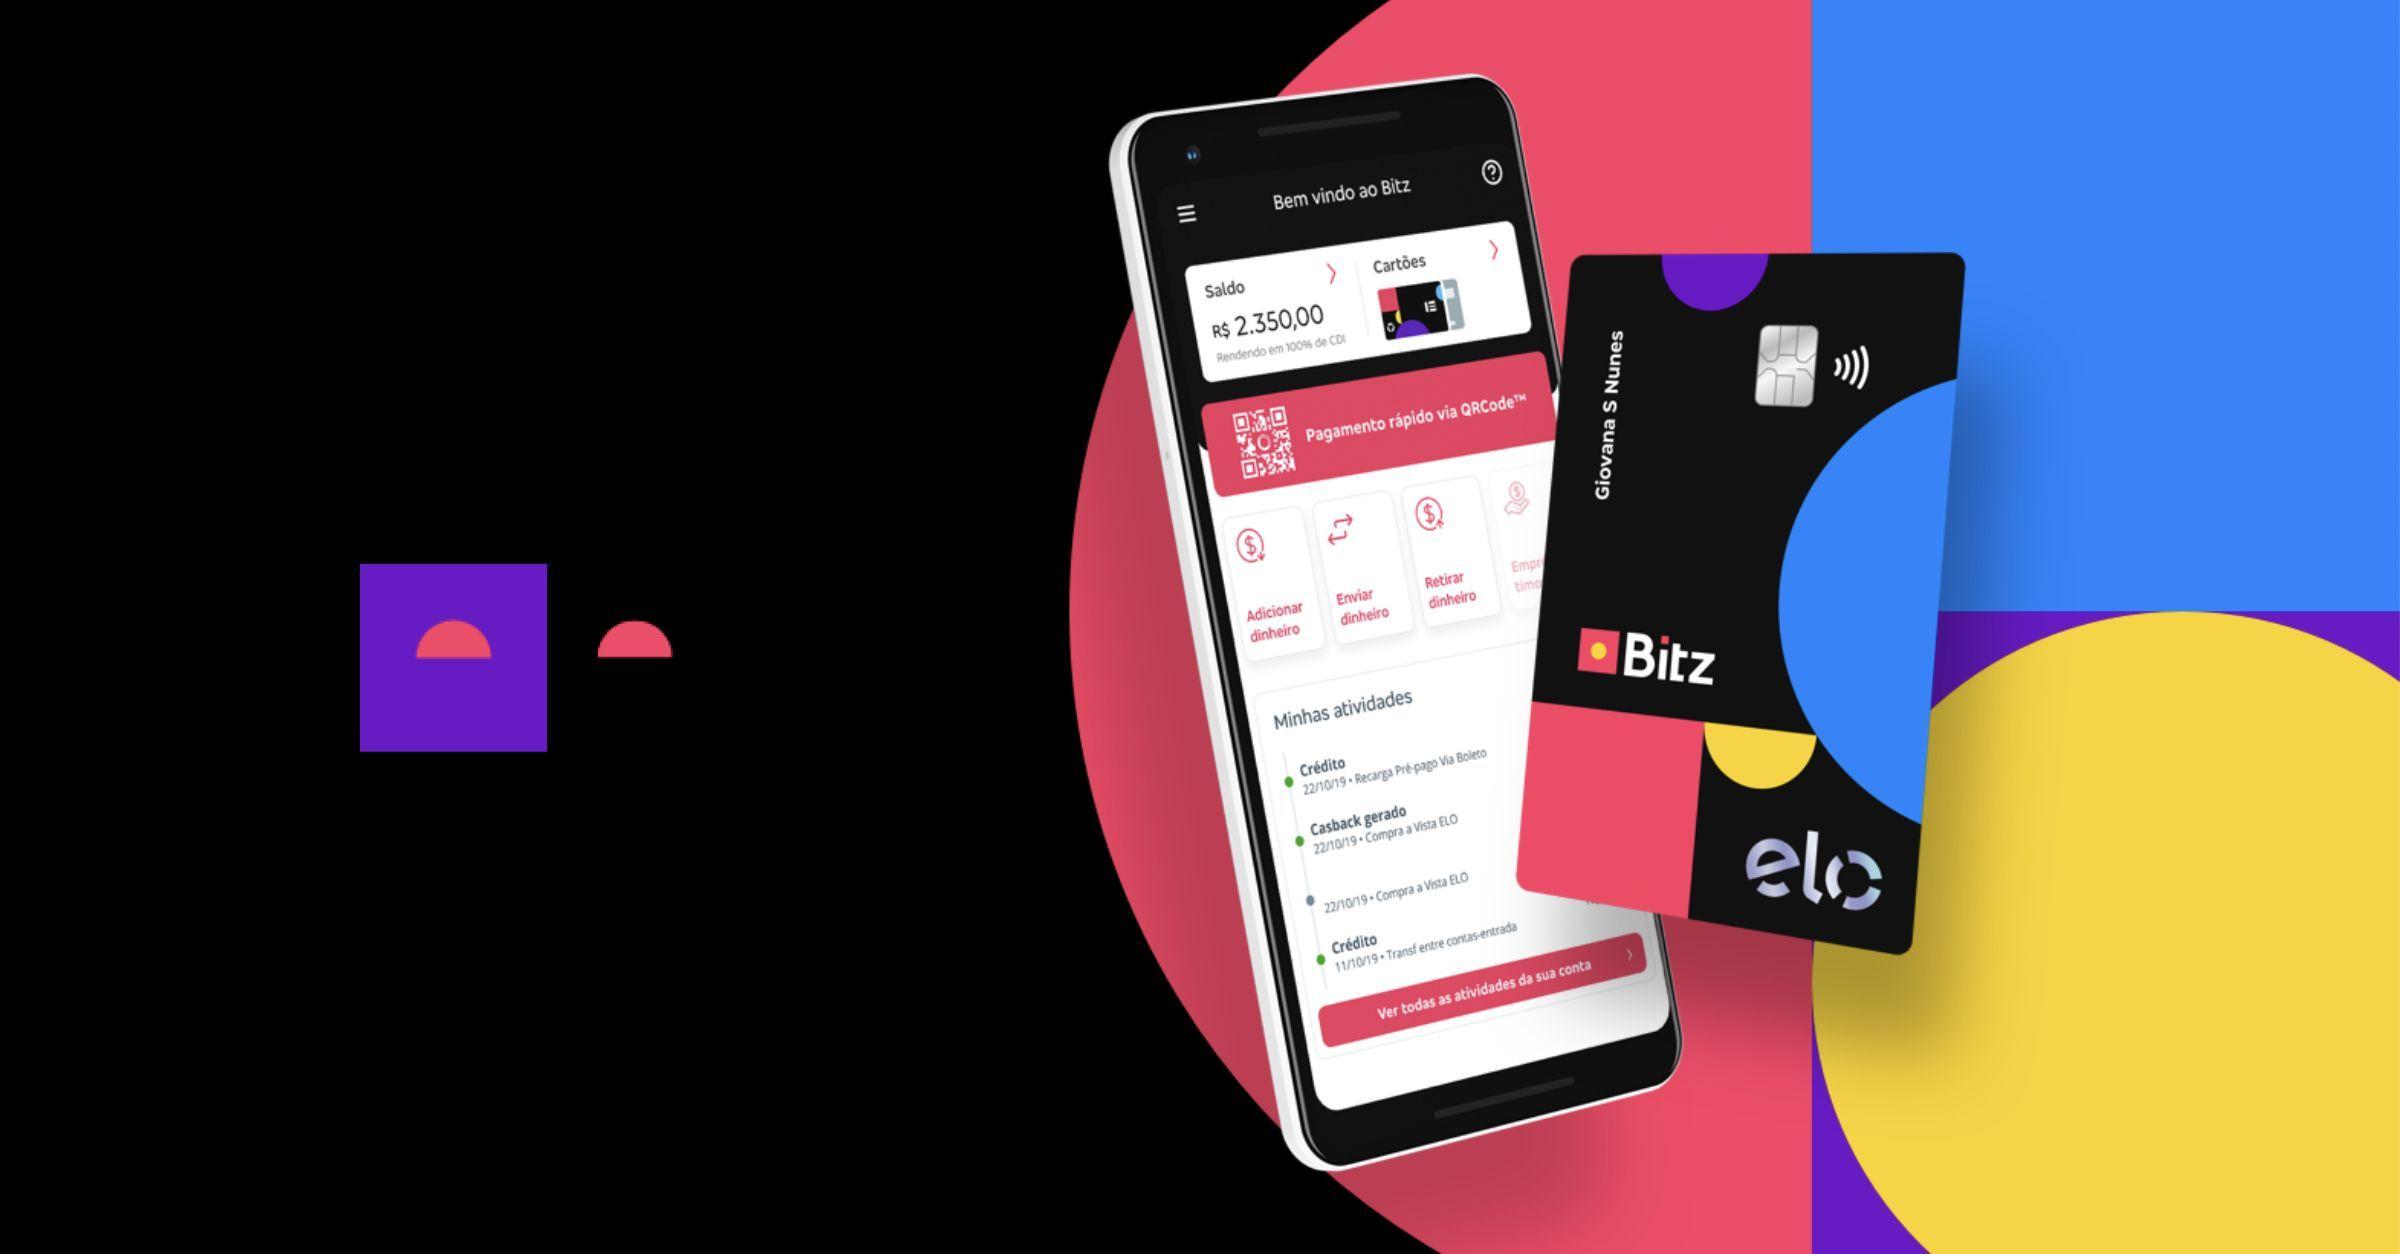 Bitz carteira digital bradesco